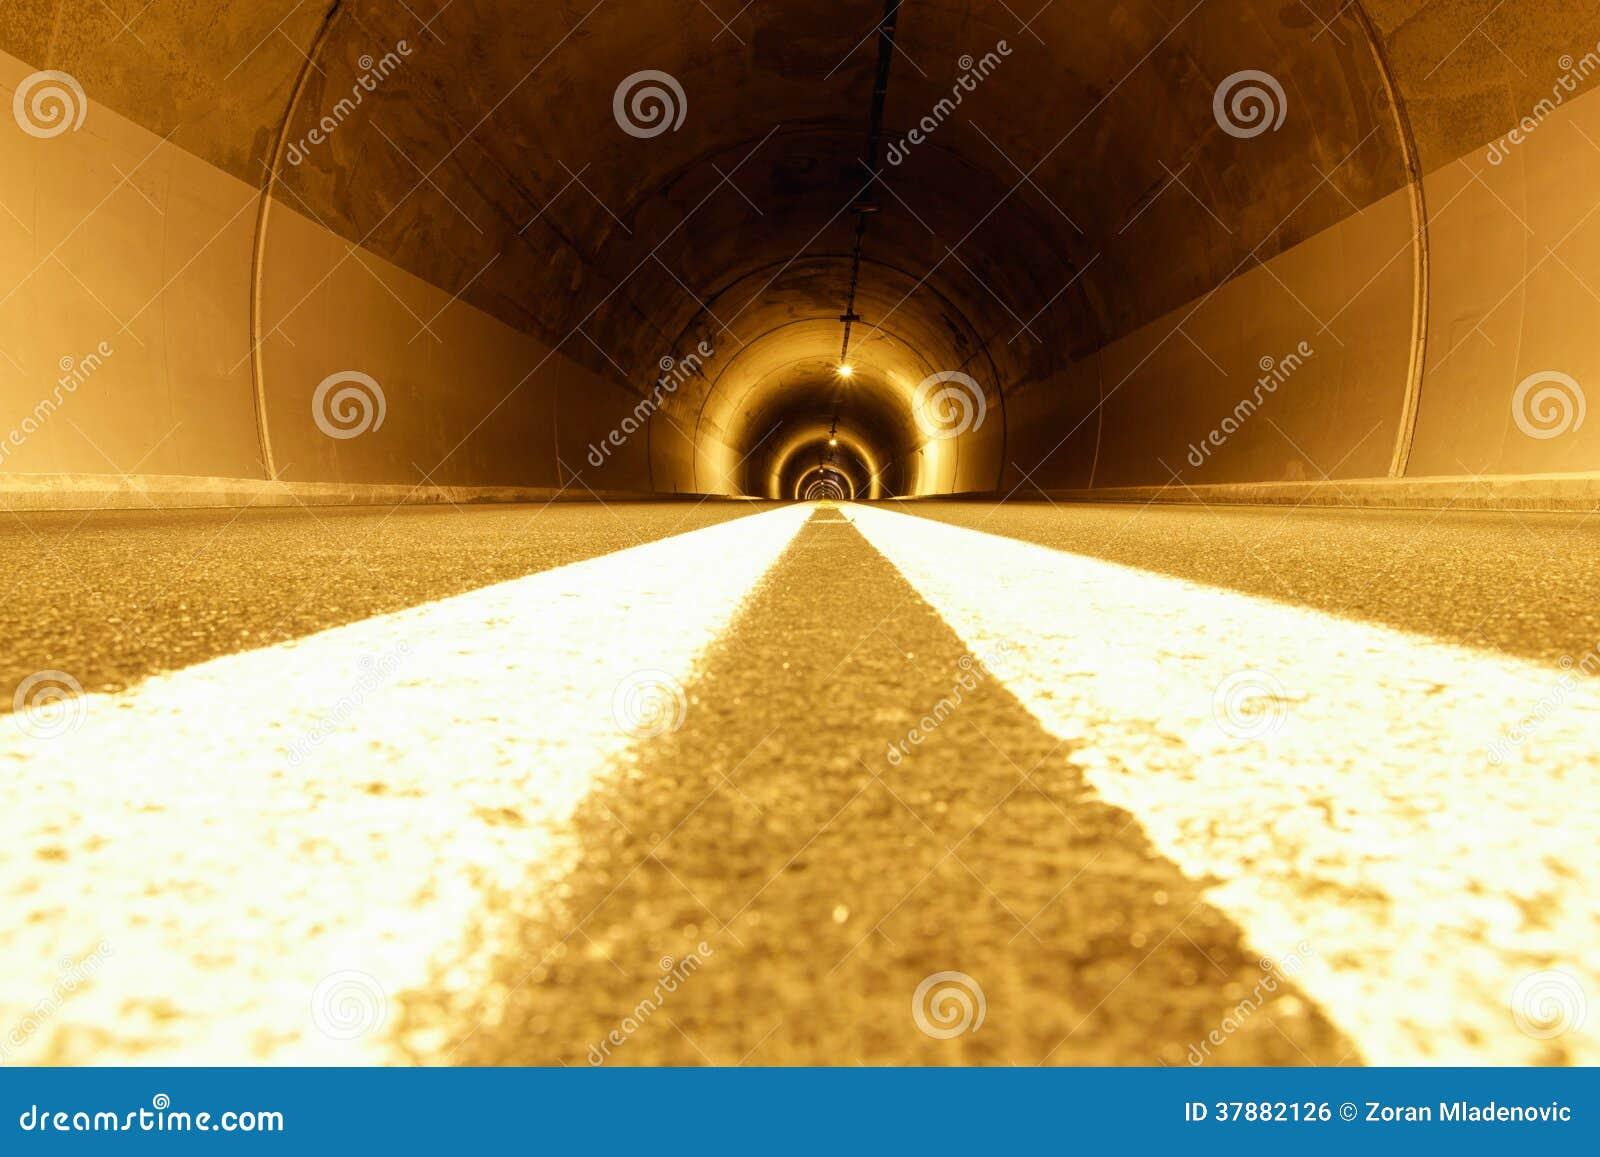 Tunnel met vreemde lichten en leegte